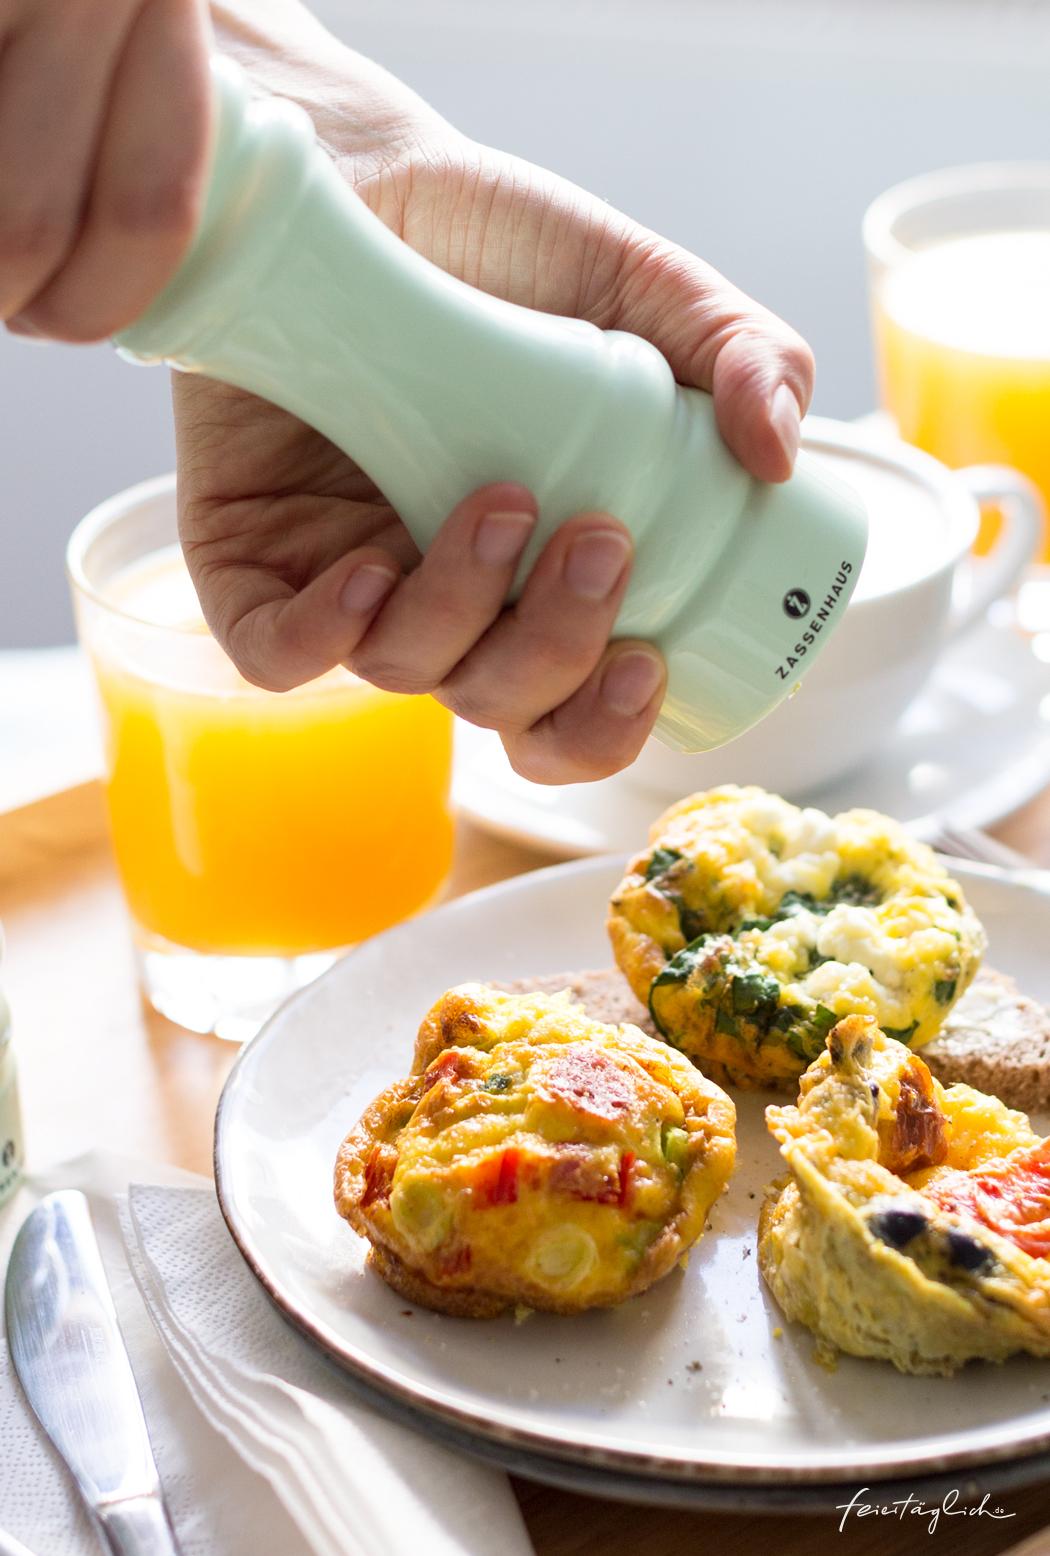 fr hst ck im bett mit dreierlei mini omelettes aus der muffinform feiert glich das sch ne leben. Black Bedroom Furniture Sets. Home Design Ideas